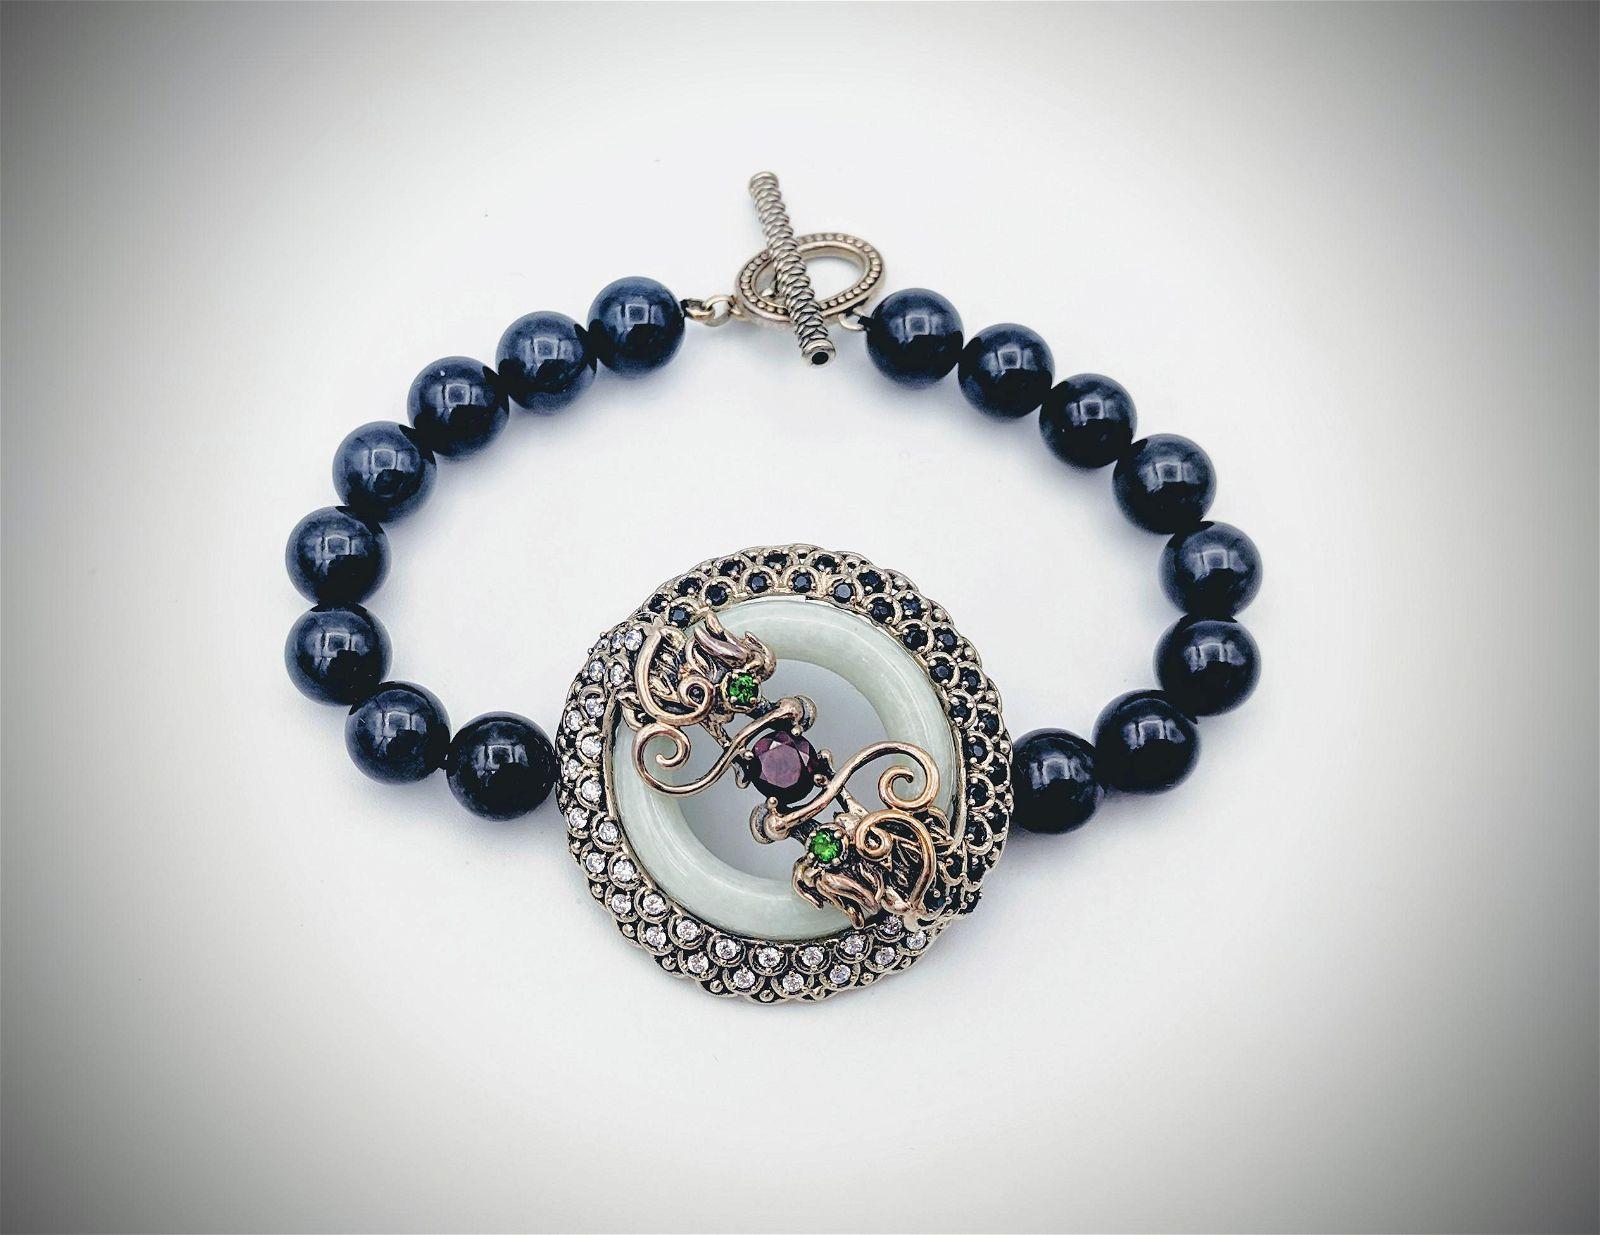 Dragon Bracelet w Nuumite Beads, Black Onyx, CZs,